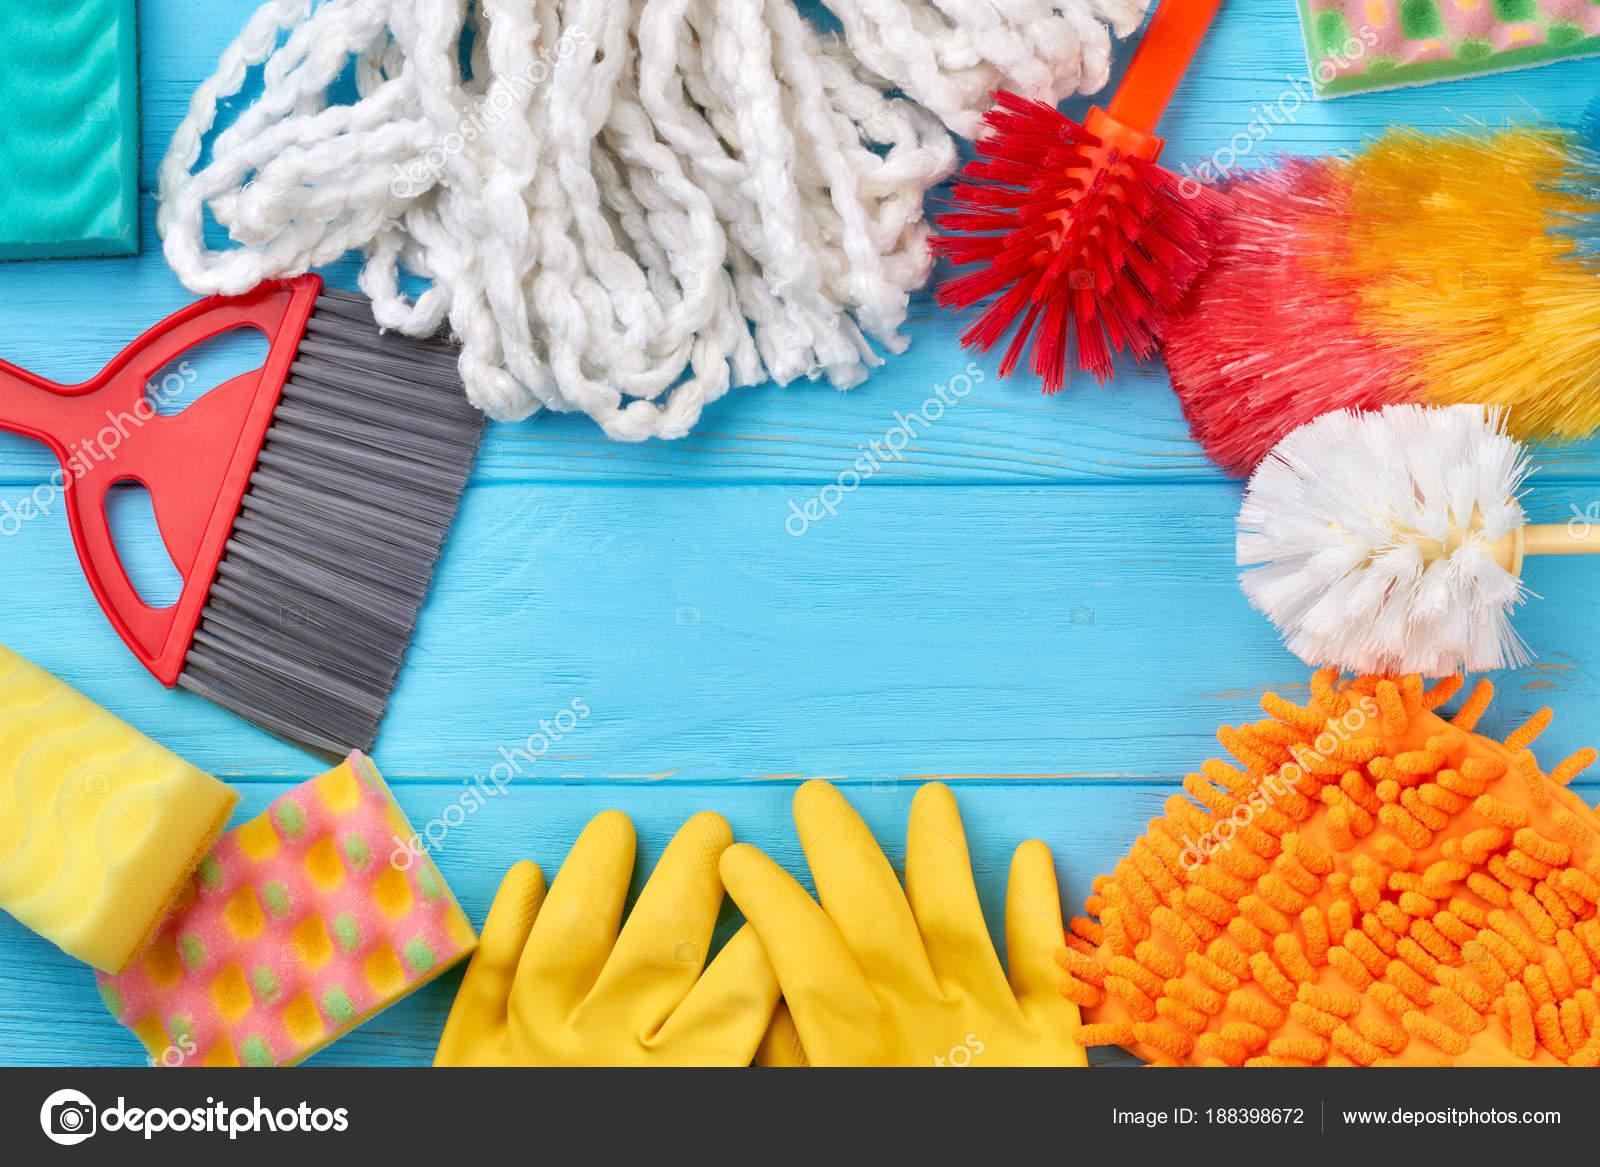 Marco de la colores artículos de limpieza — Foto de stock ...